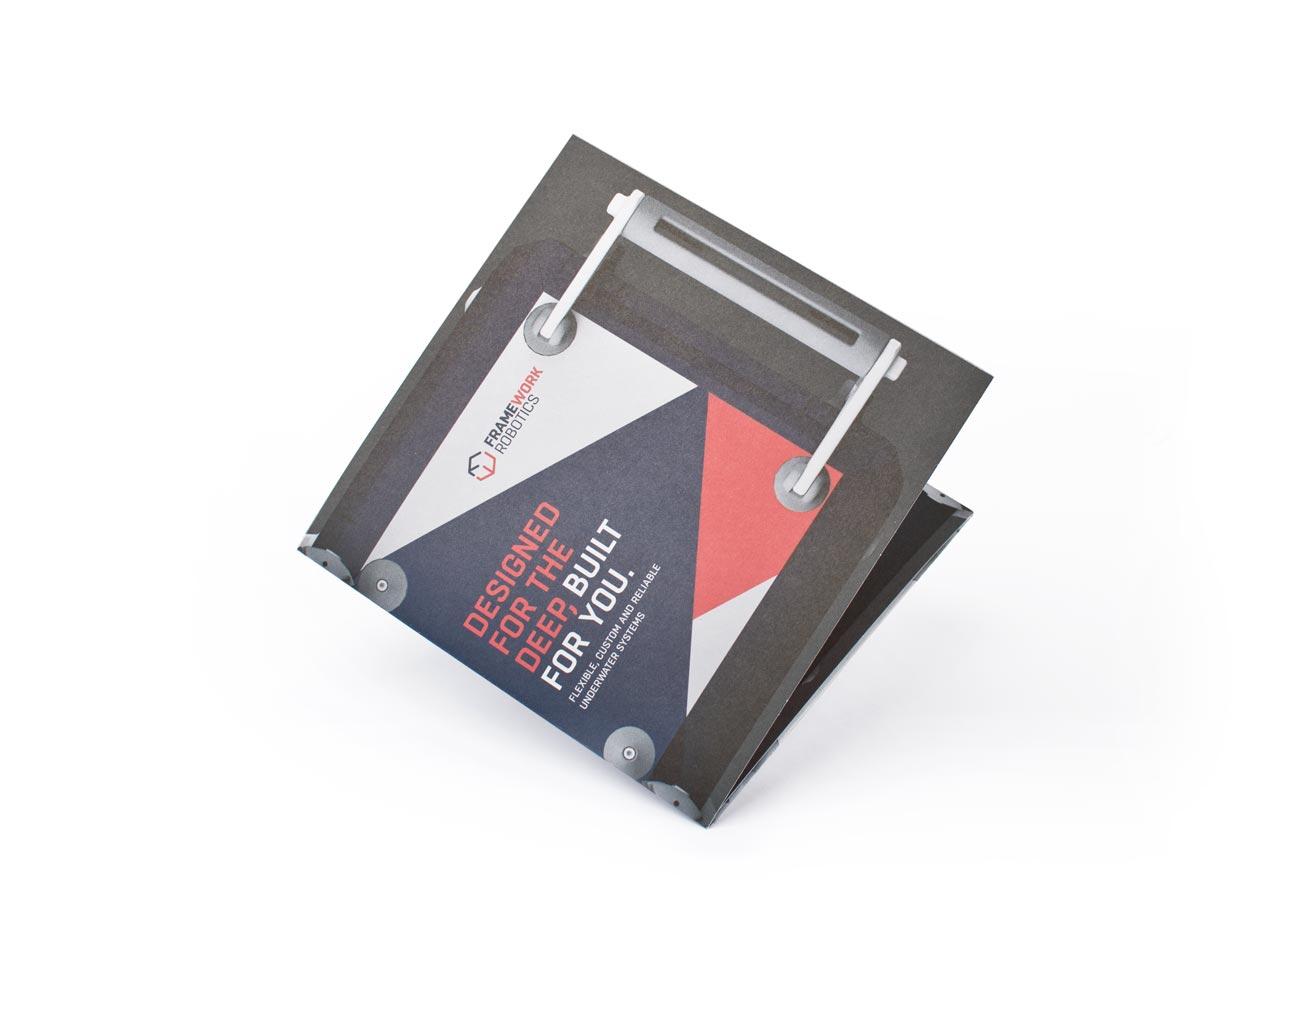 Das Bild zeigt die geschlossene Broschüre im Quadratfalz für den Kunden FRAMEWORK Robotics. Design und Text wurden vollständig durch die Designagentur 40knots entwickelt.